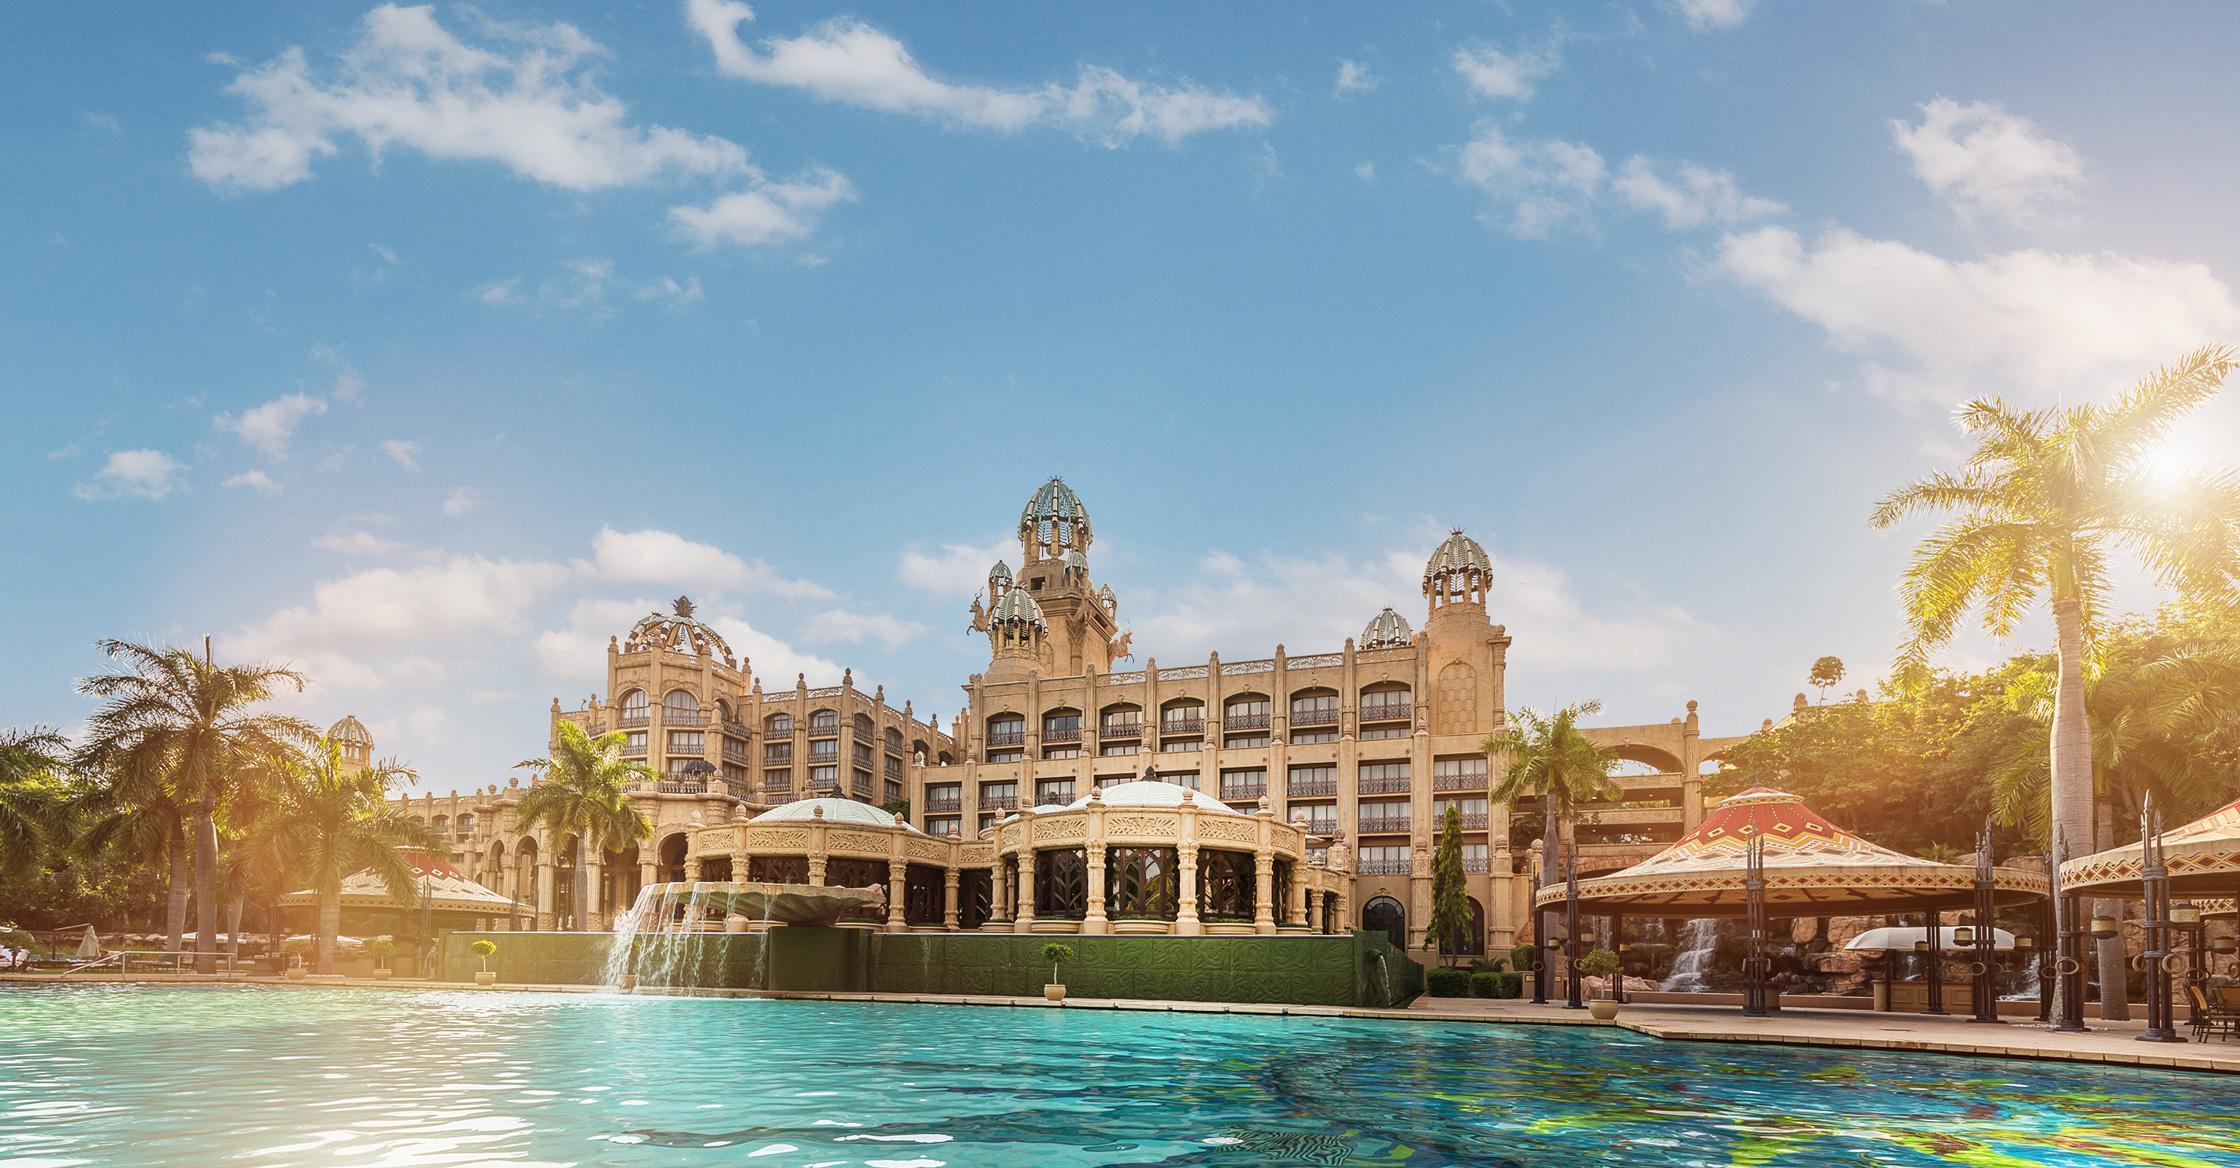 هتل The Palace of the Lost City